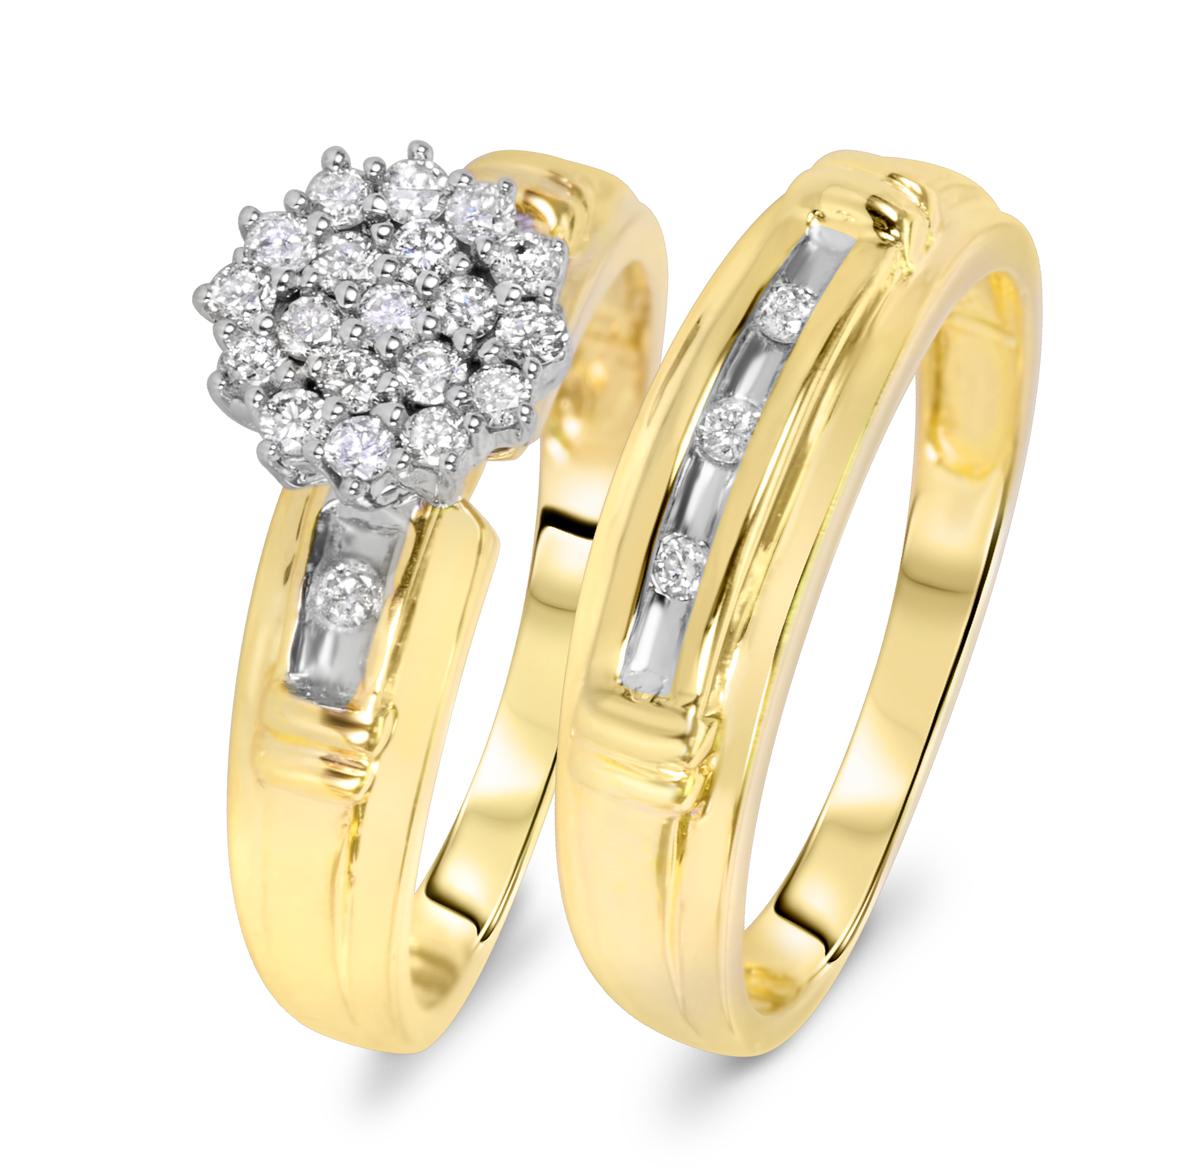 3/8 Carat T.W. Round Cut Diamond Ladies Bridal Wedding Ring Set 10K Yellow Gold